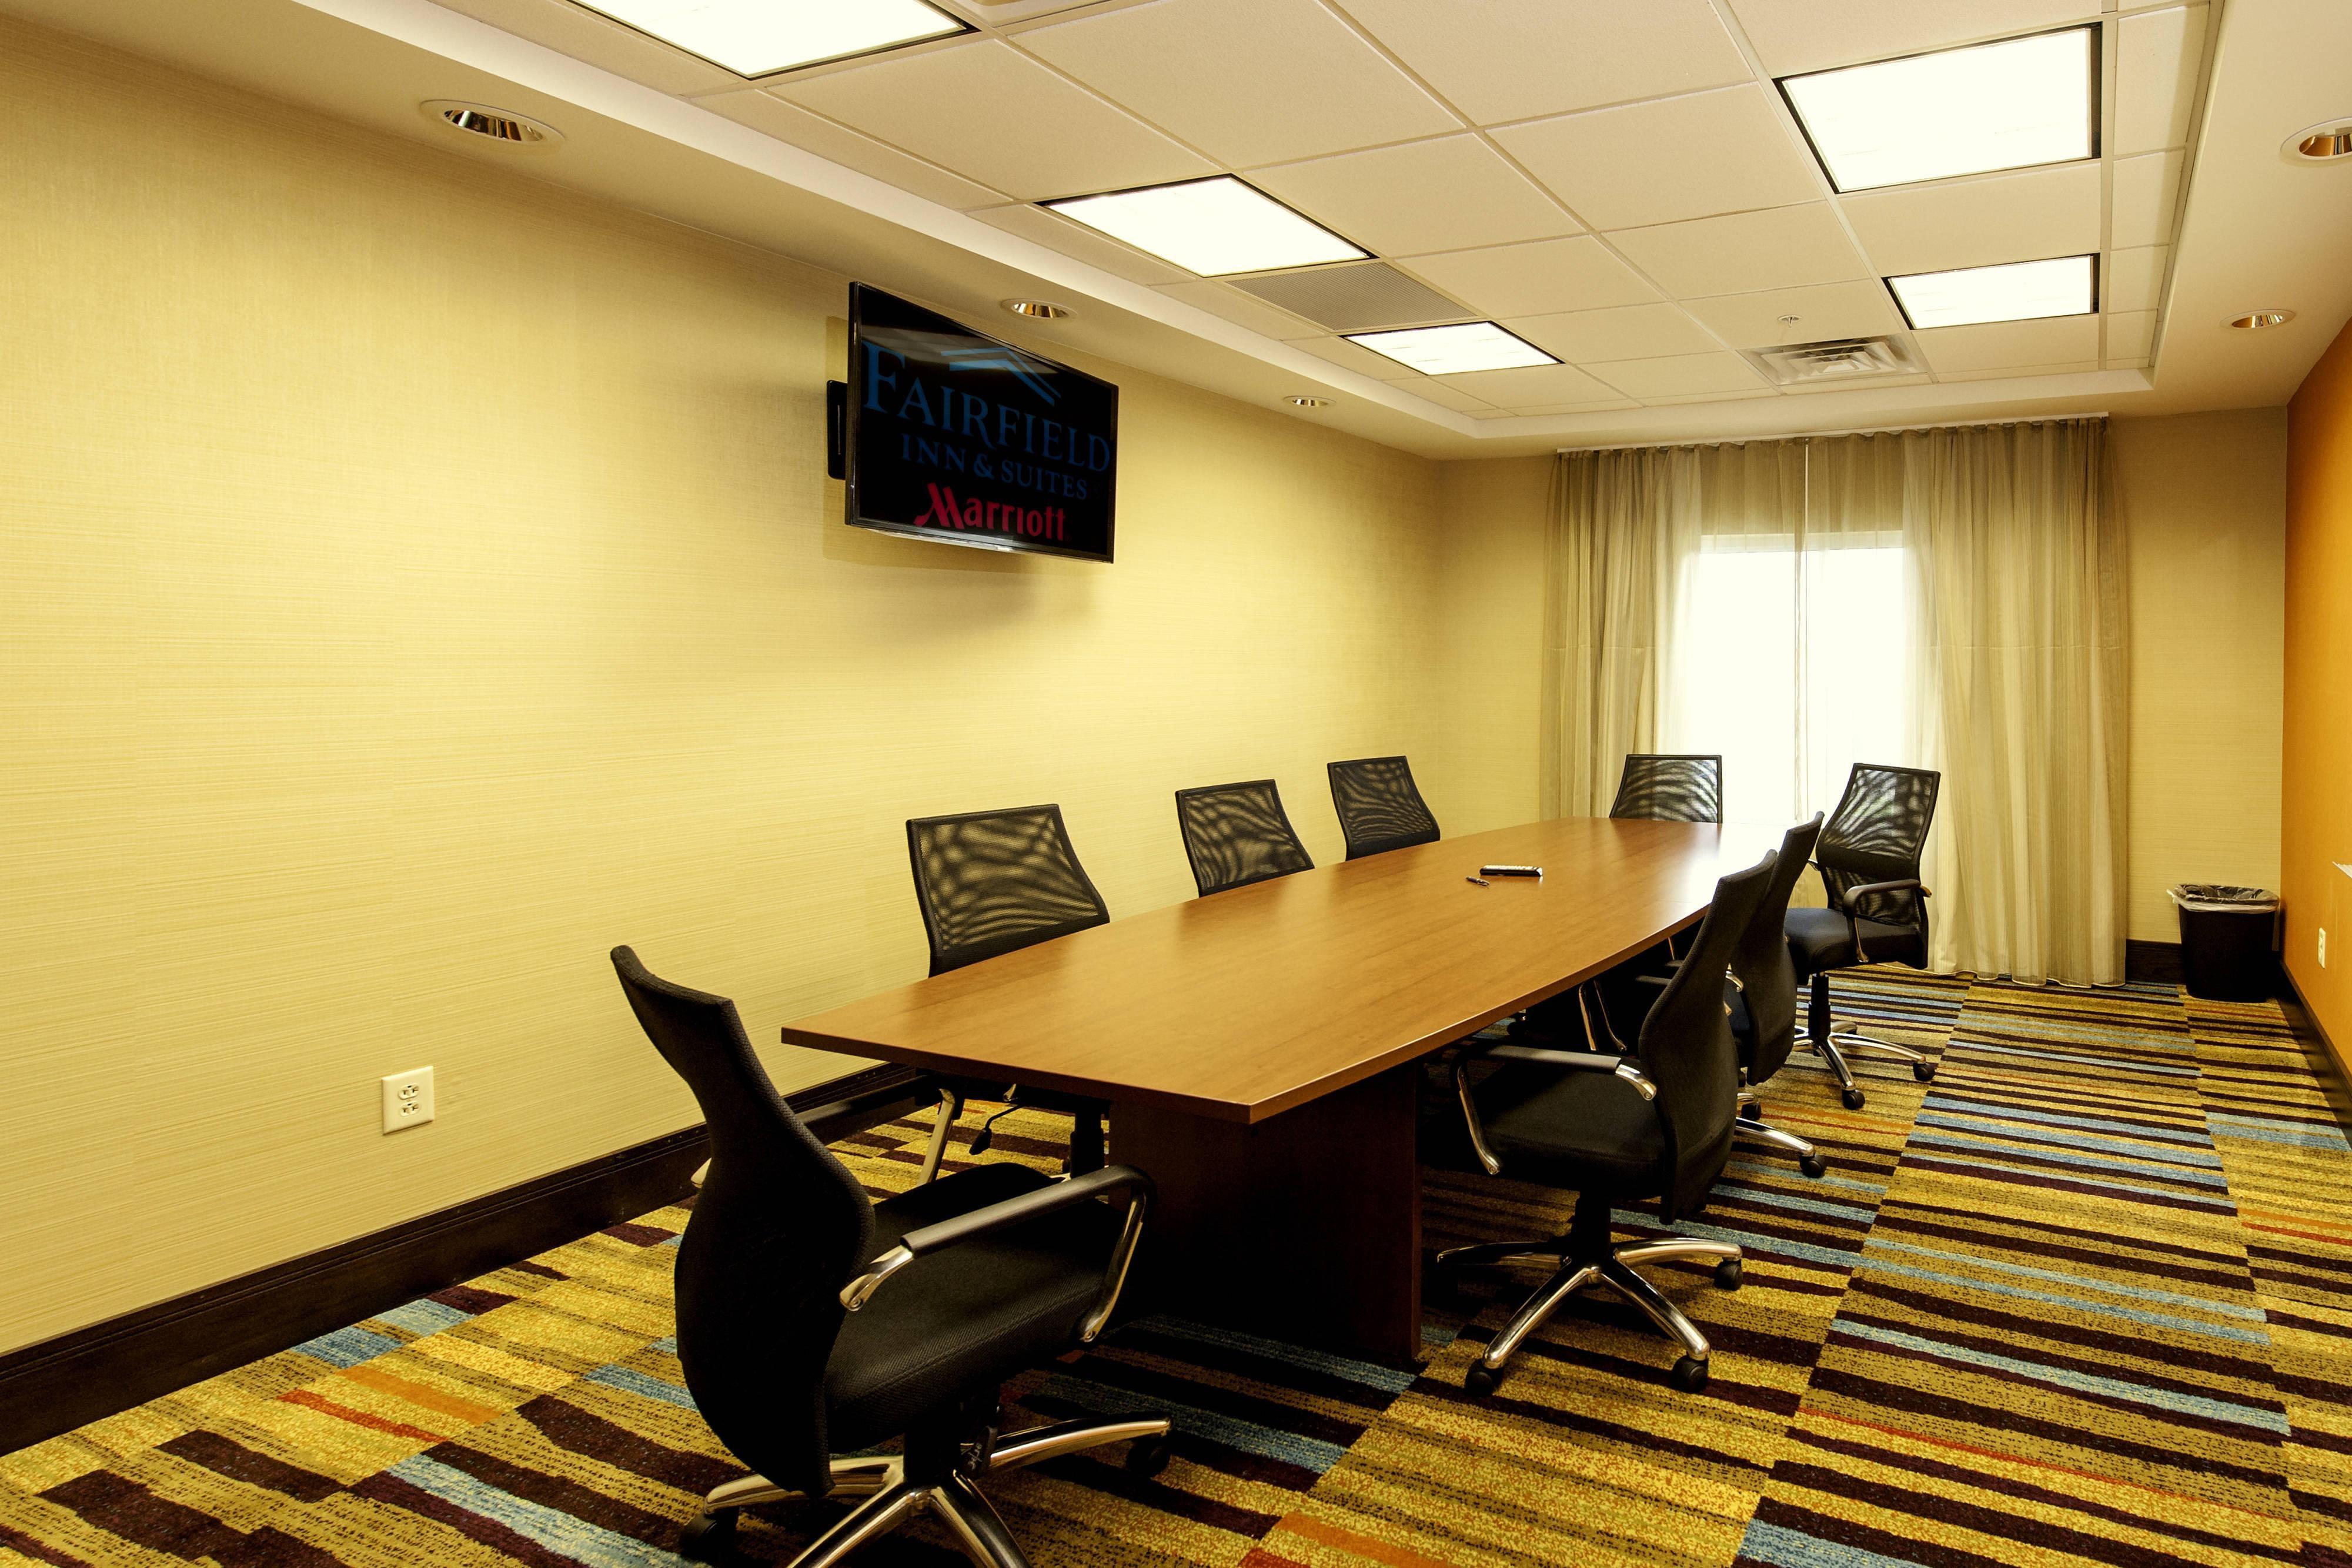 Hotel Boardroom